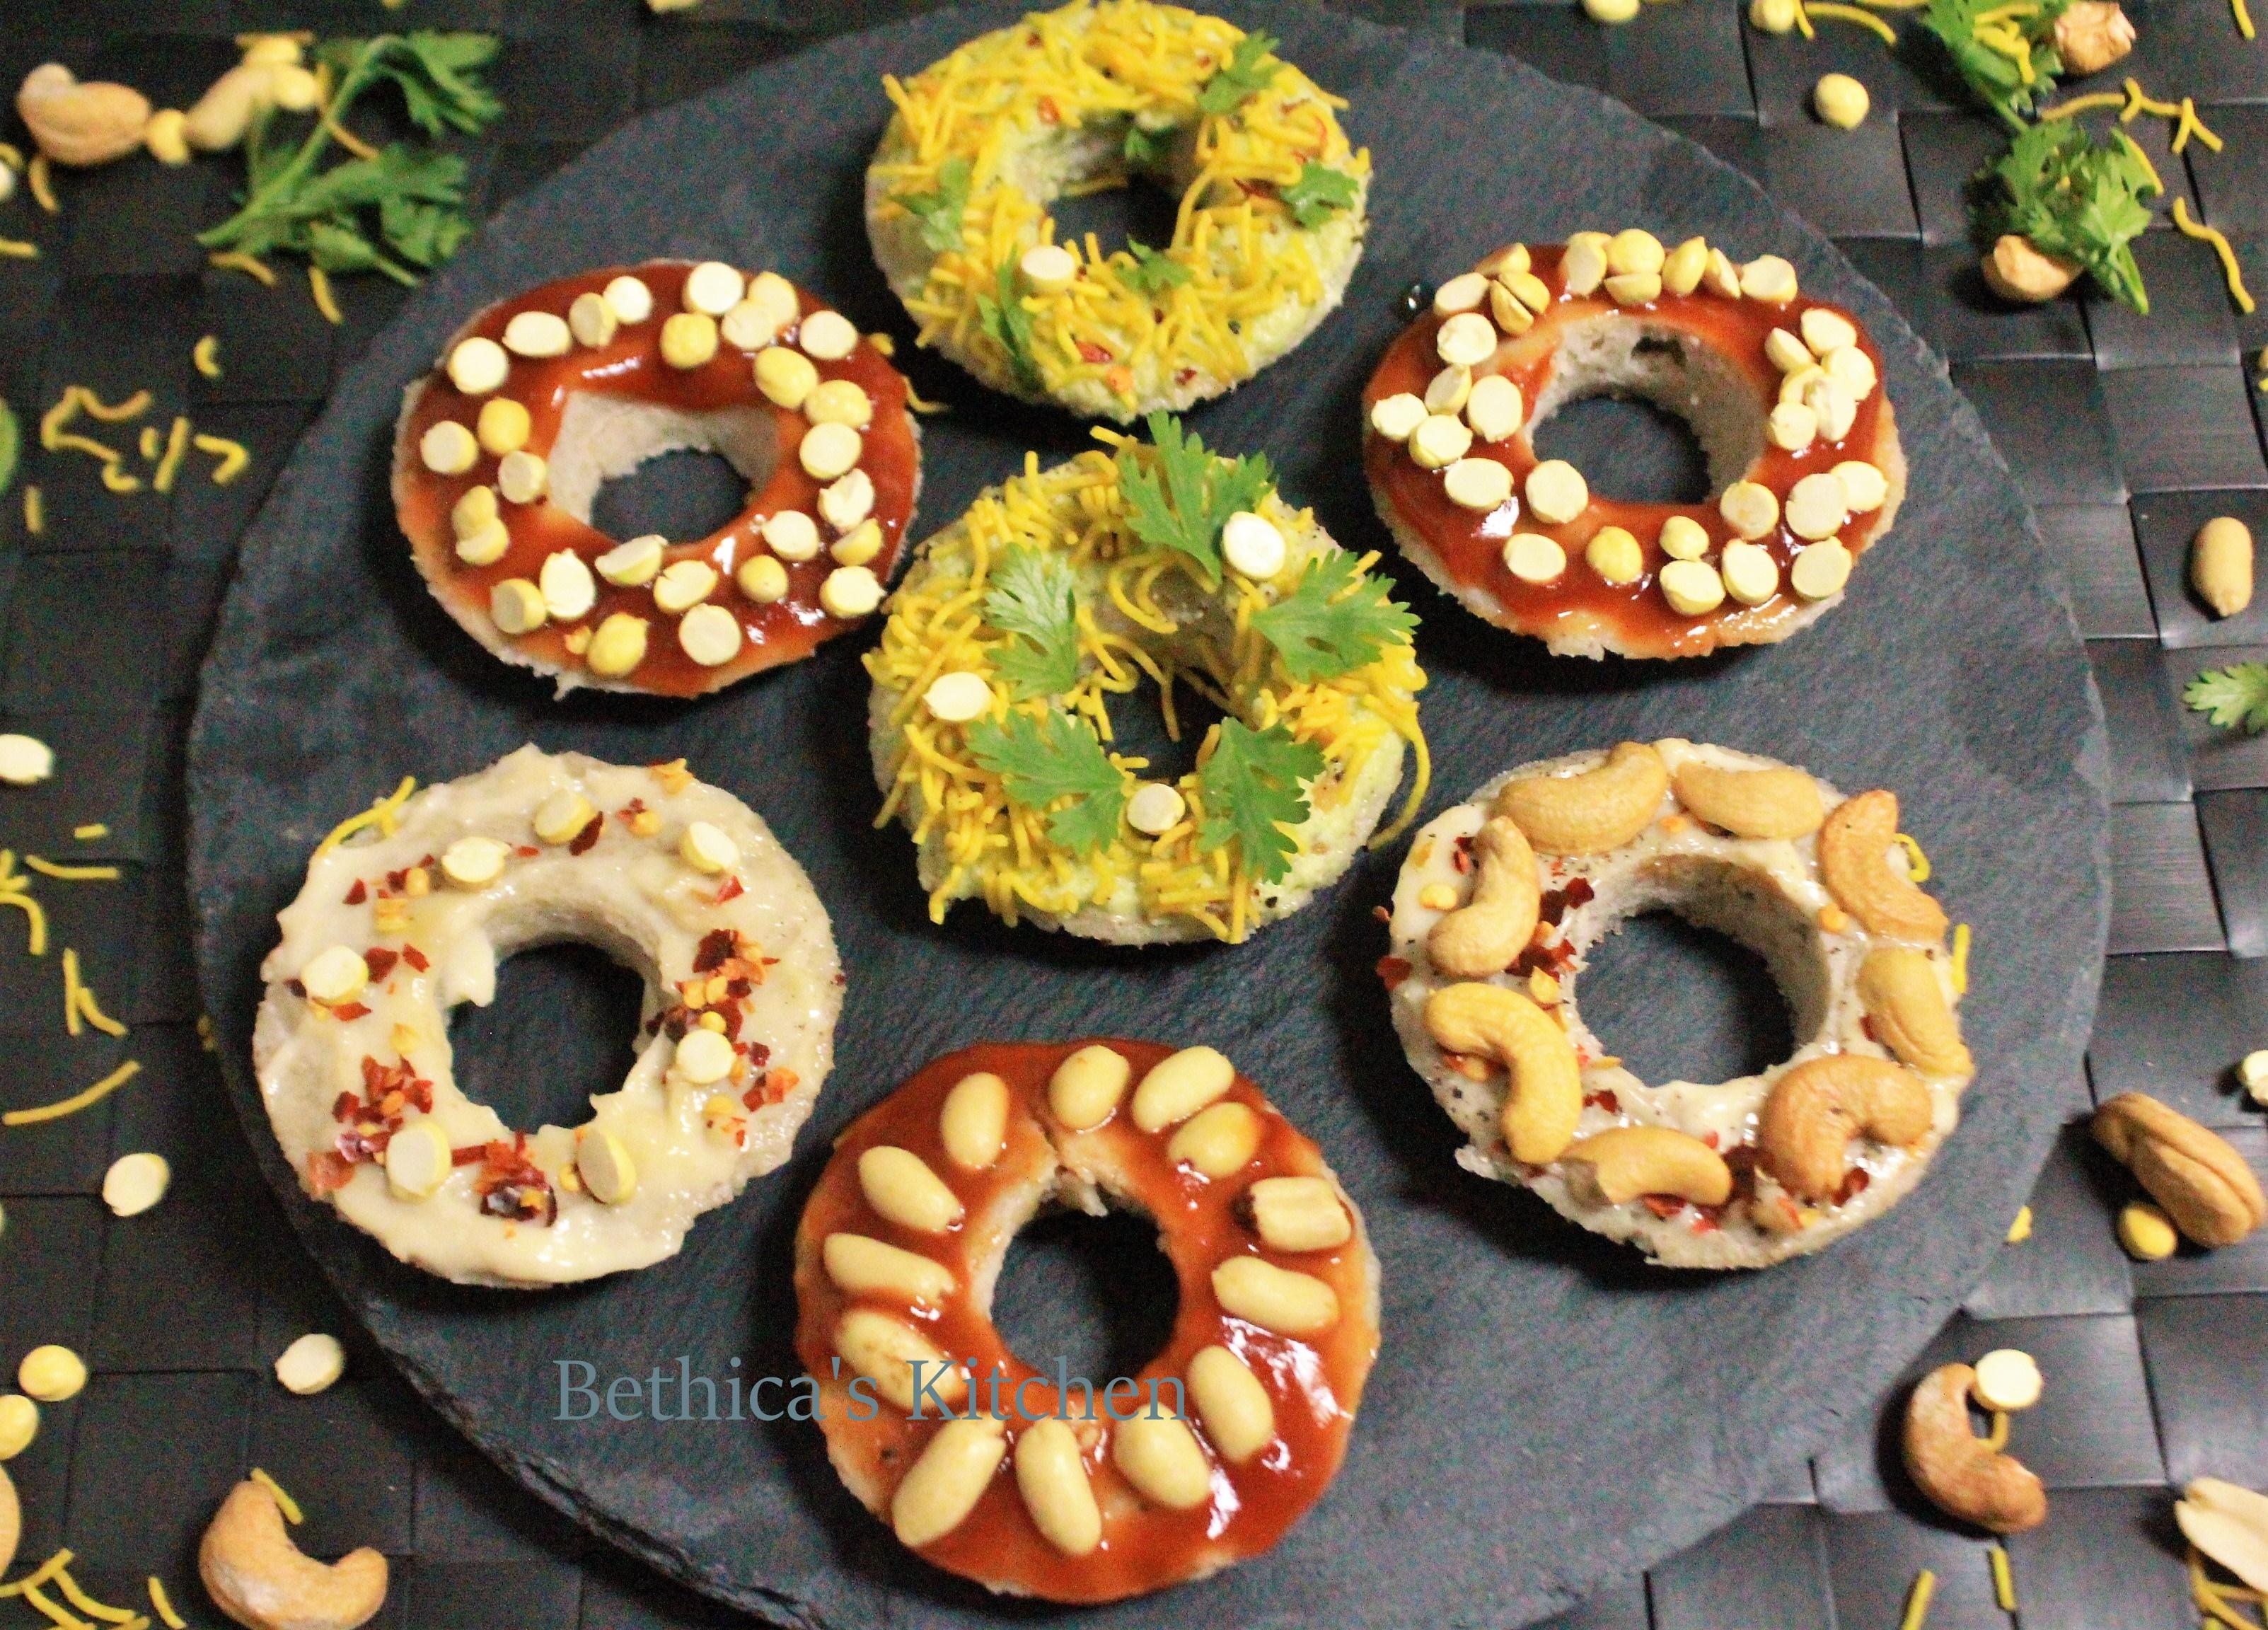 Oats Idli Doughnuts